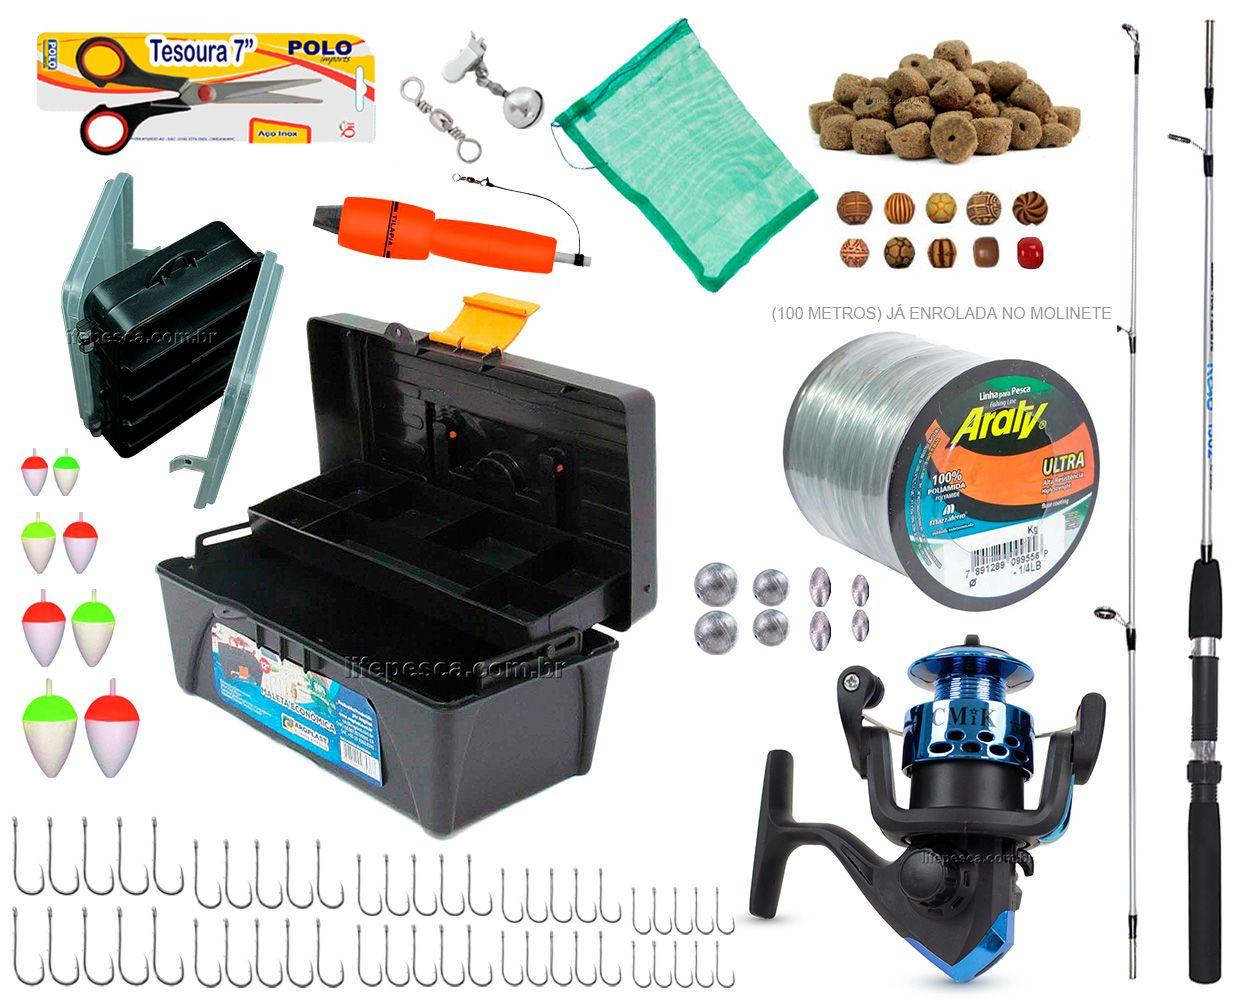 Kit de Pesca Vara Molinete Caixa de Pesca e Acessórios (Ref. 09)